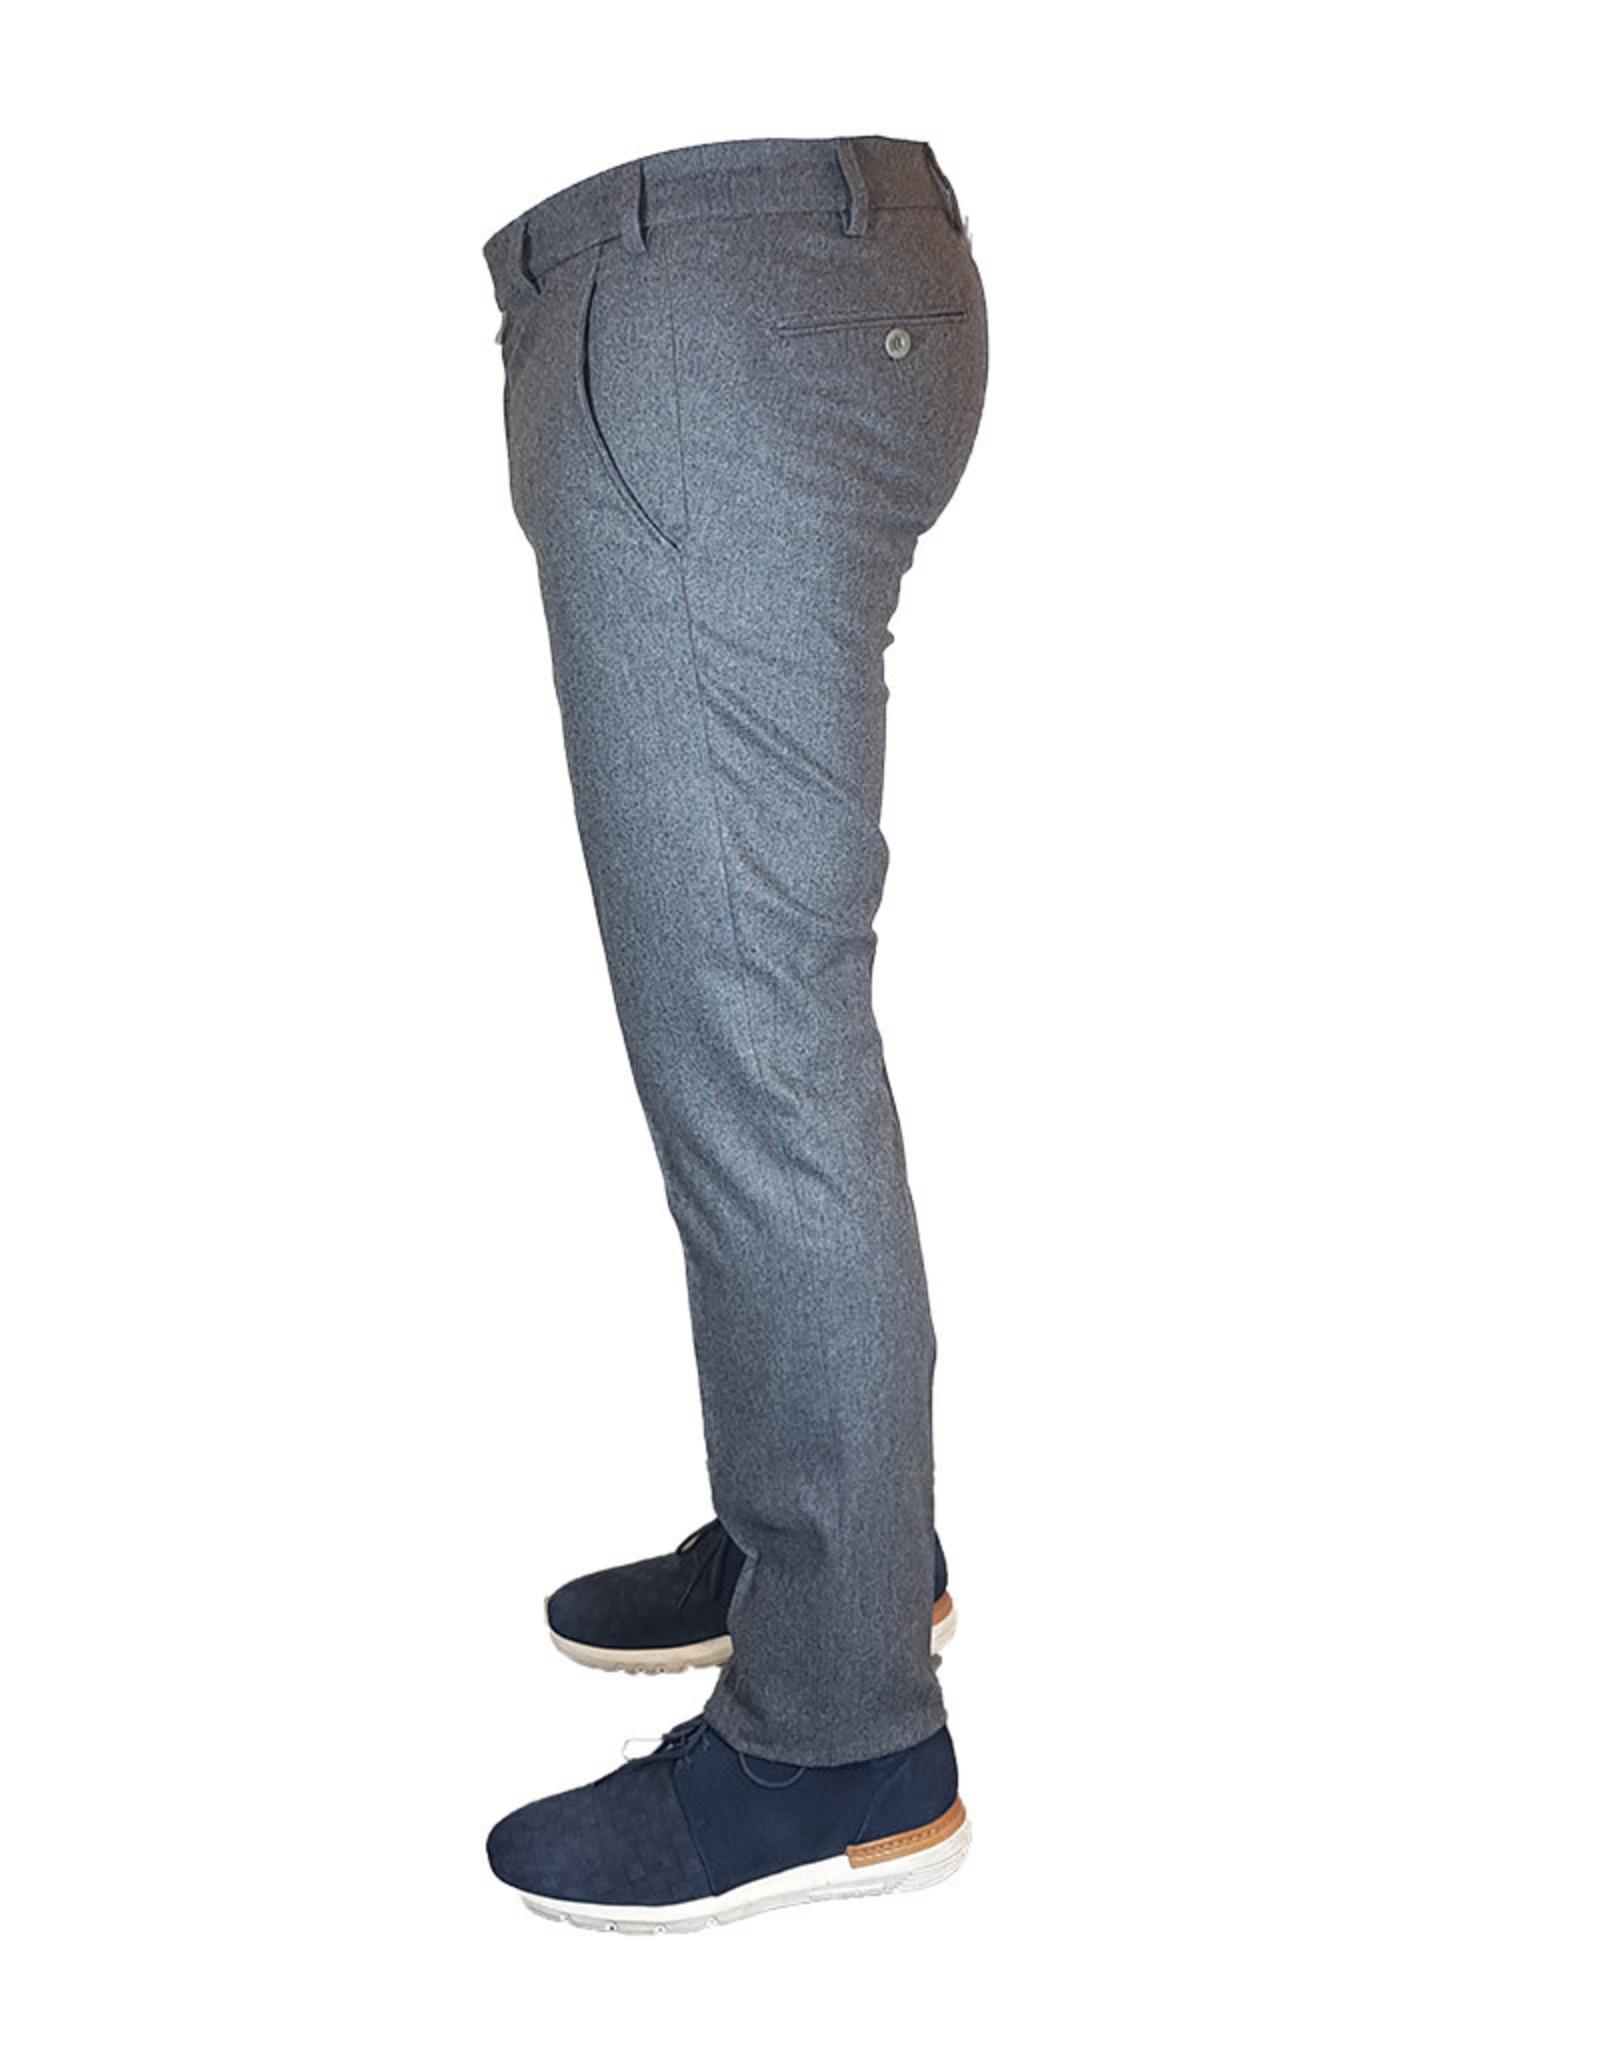 Meyer Exclusive Meyer Exclusive broek wol grijs Bonn 8531/06